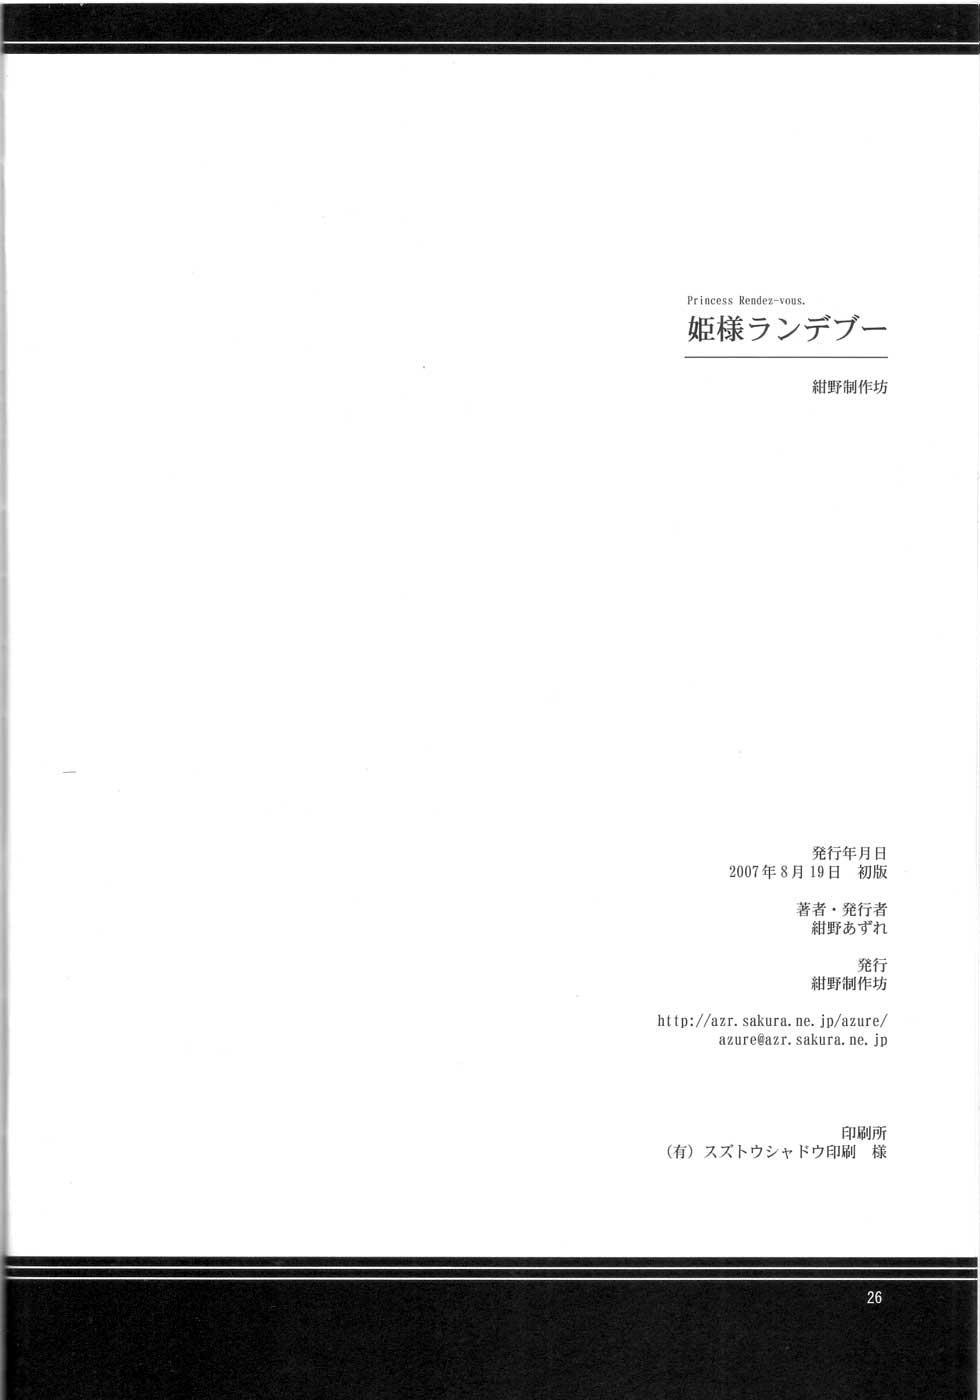 Himesama Rendez-vous 24